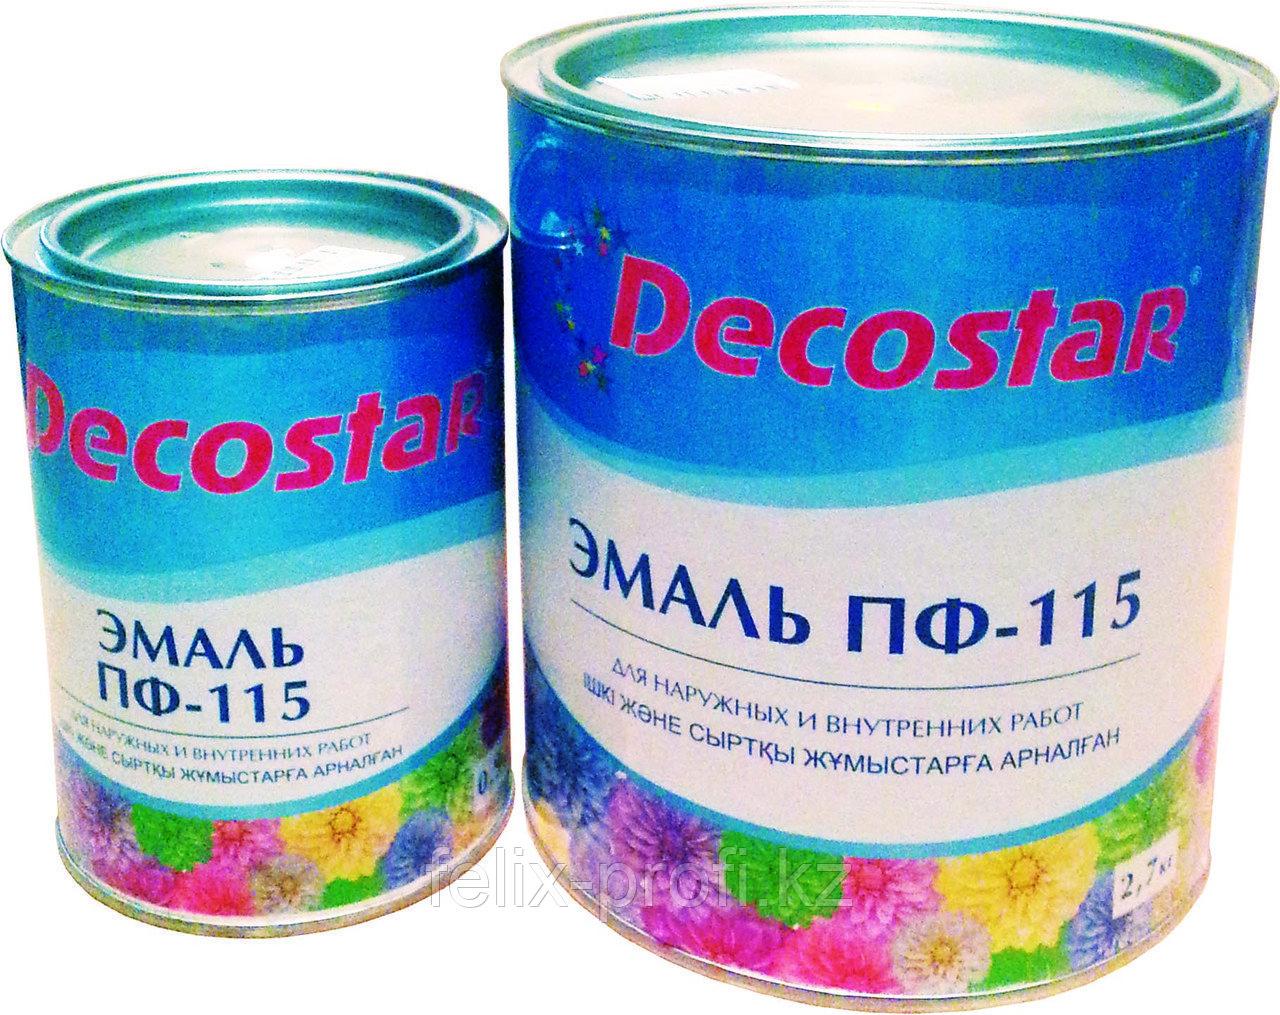 Decostar Эмаль ПФ-115 шоколадная, 2.7 кг